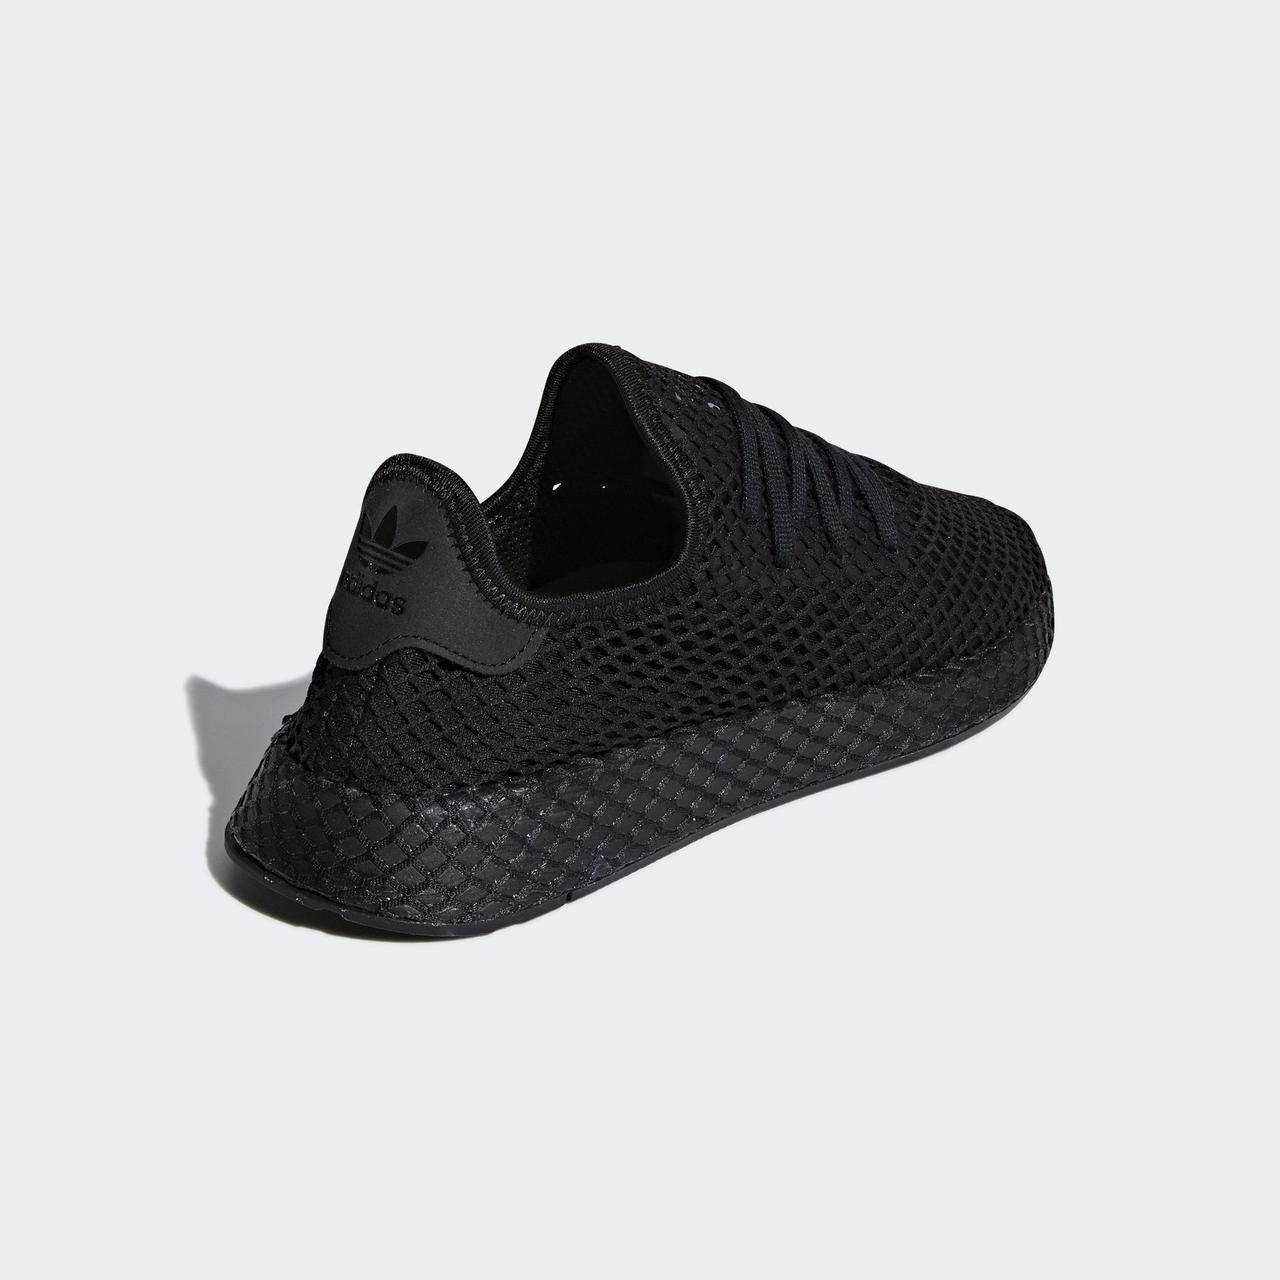 06d25453 ... Мужские кроссовки Adidas Originals Deerupt Runner (Артикул: B41768), ...